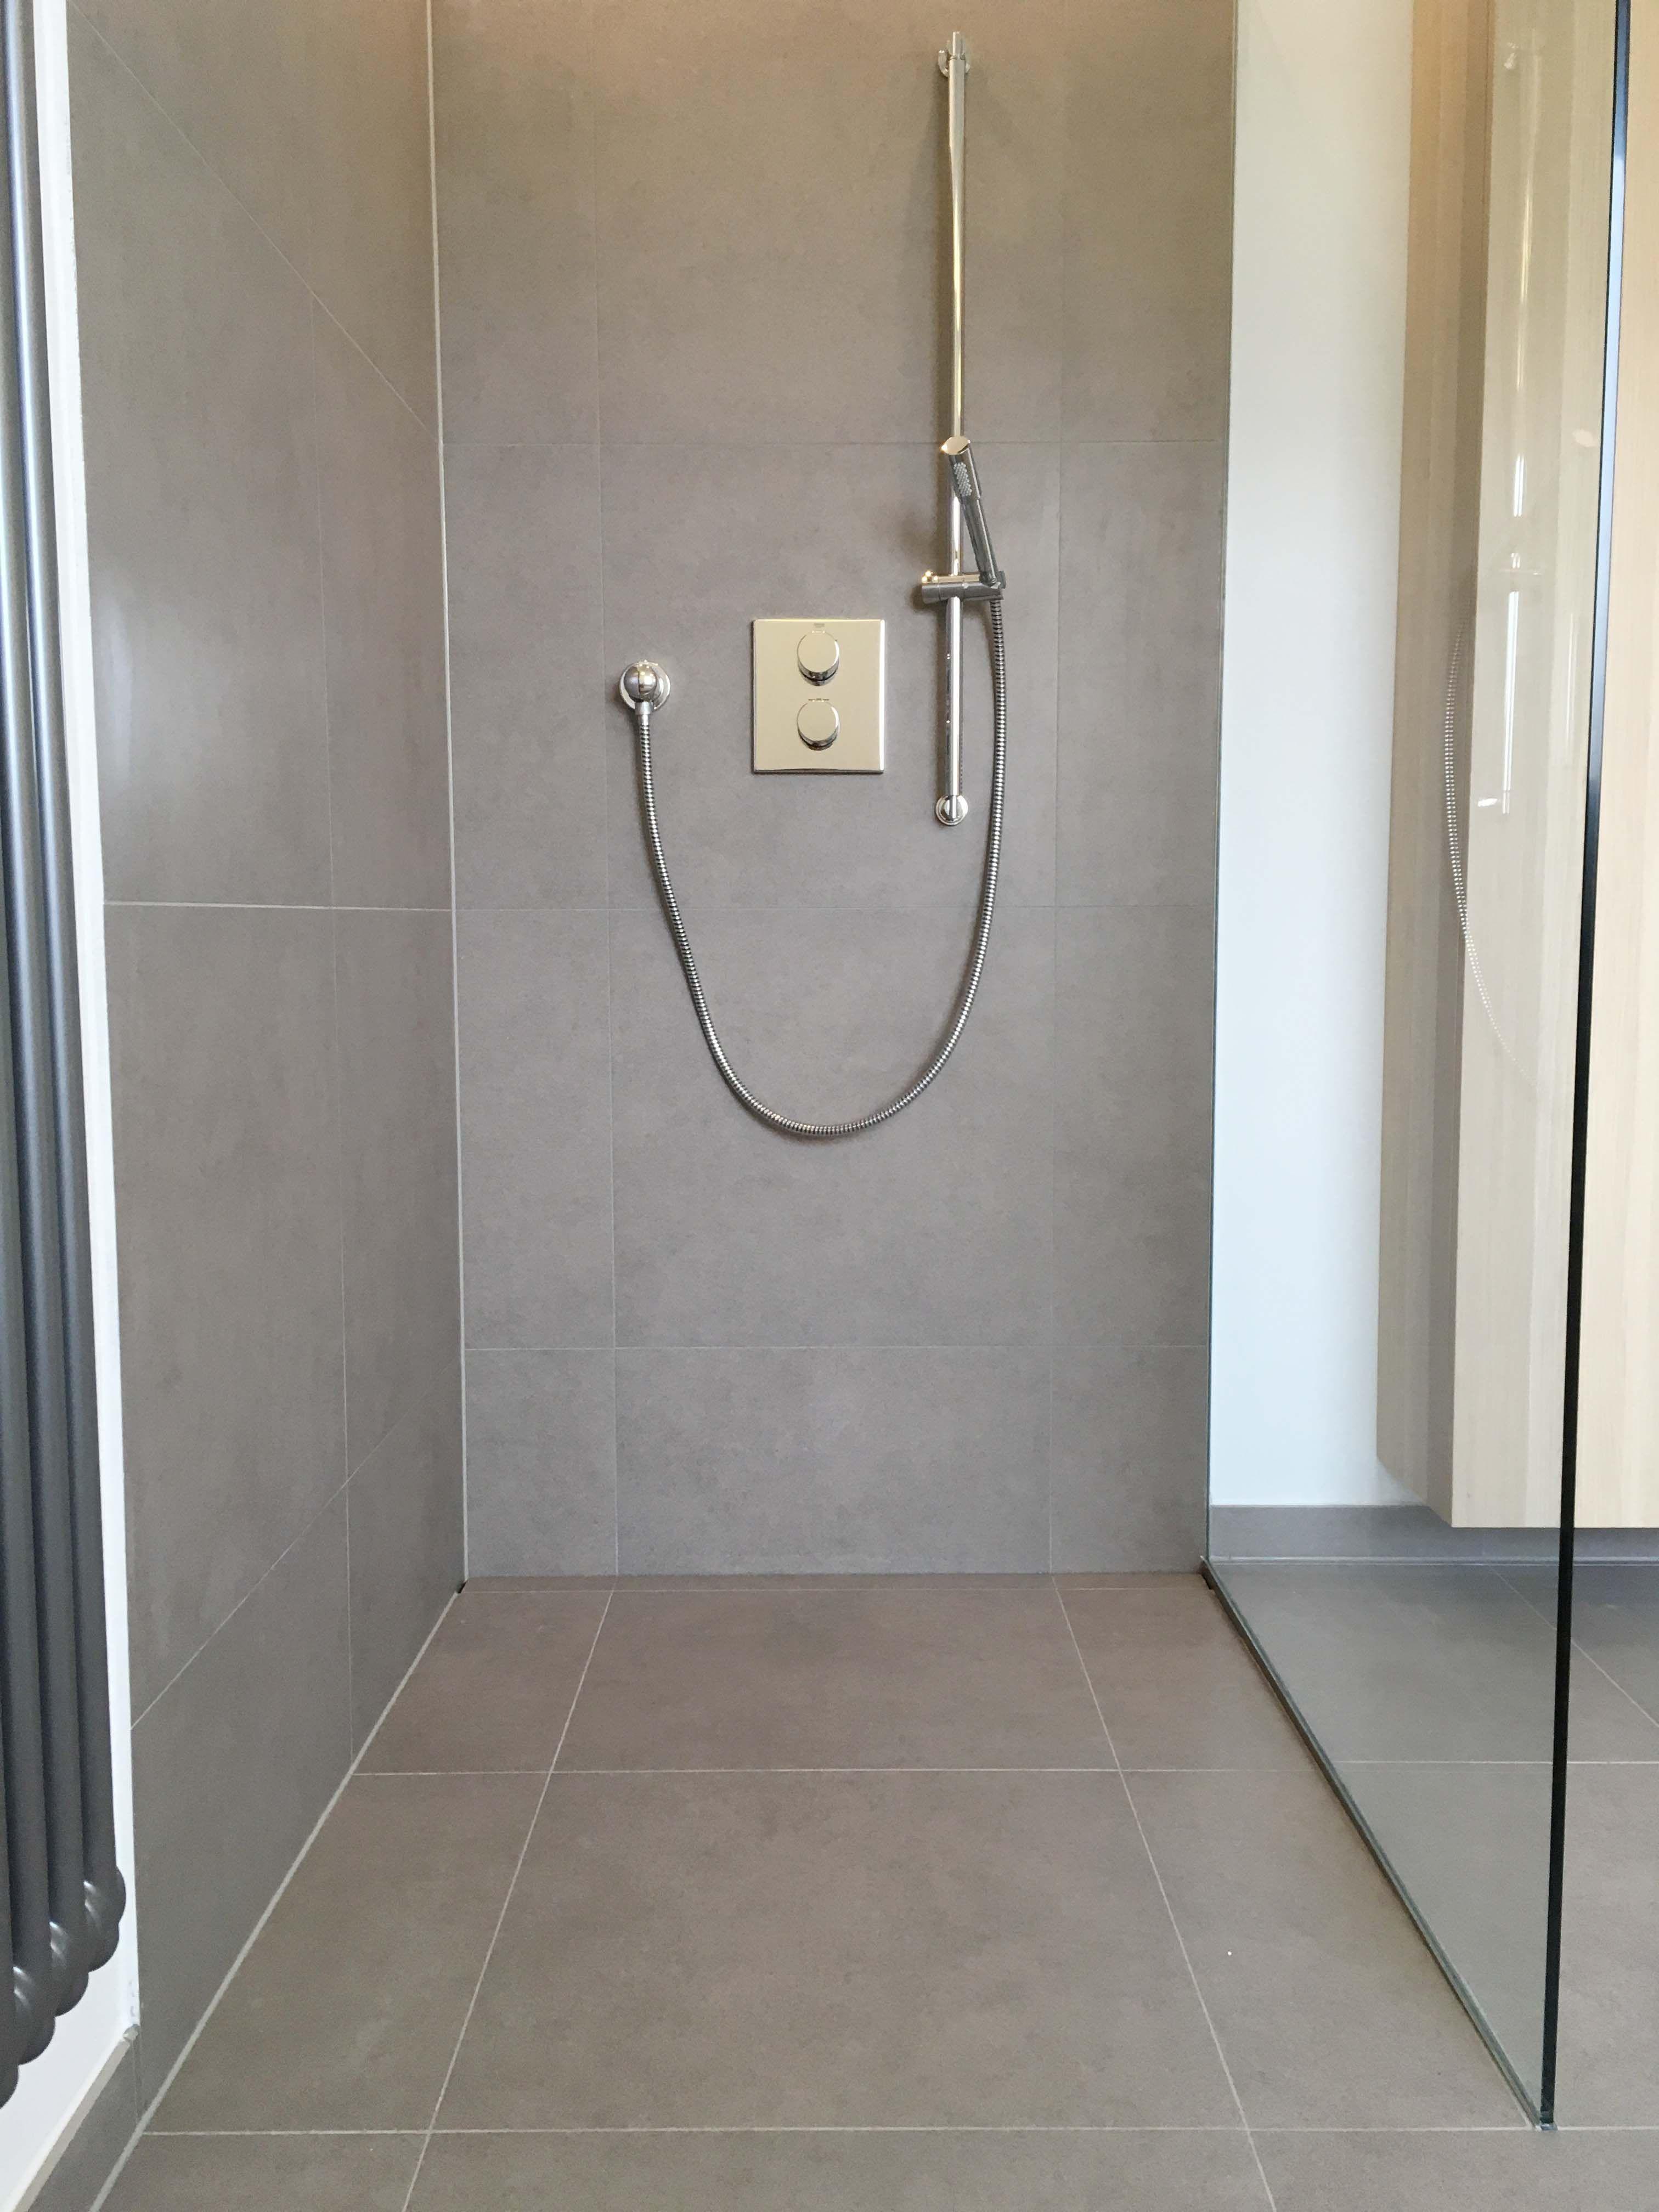 Dusche Ebenerdig Grau Fliesen Glasabtrennung Rainshower Badezimmer Dusche Ebenerdig In 2020 Dusche Fliesen Dusche